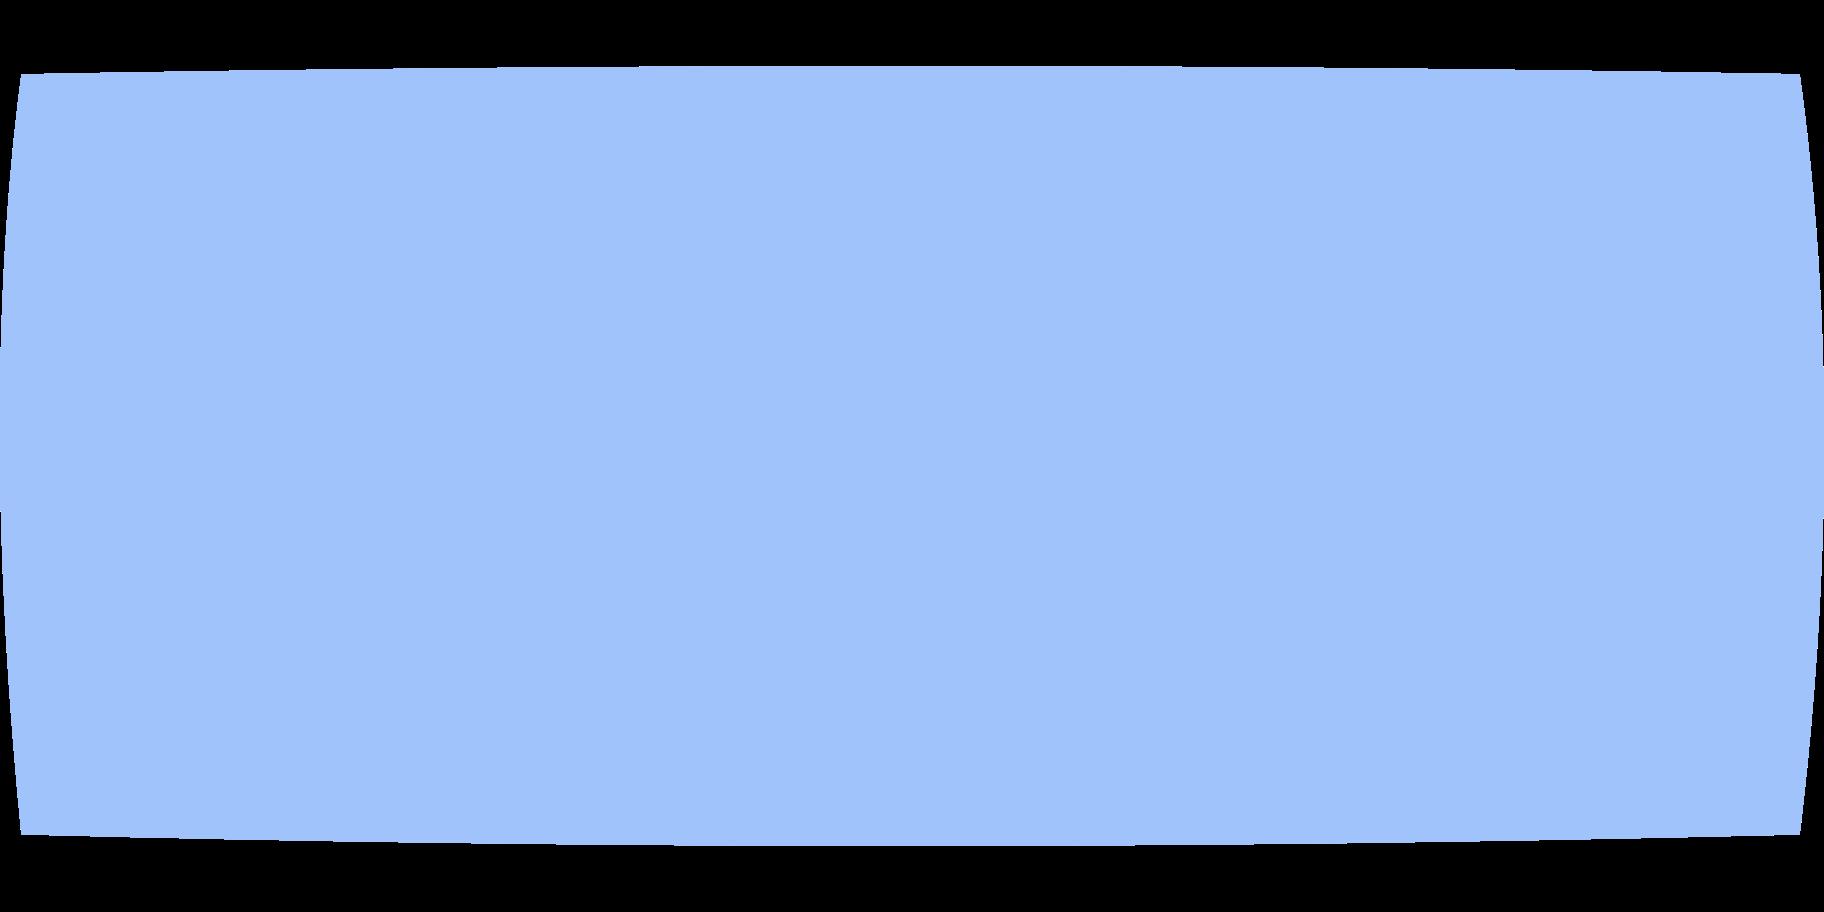 restangle blue Clipart illustration in PNG, SVG